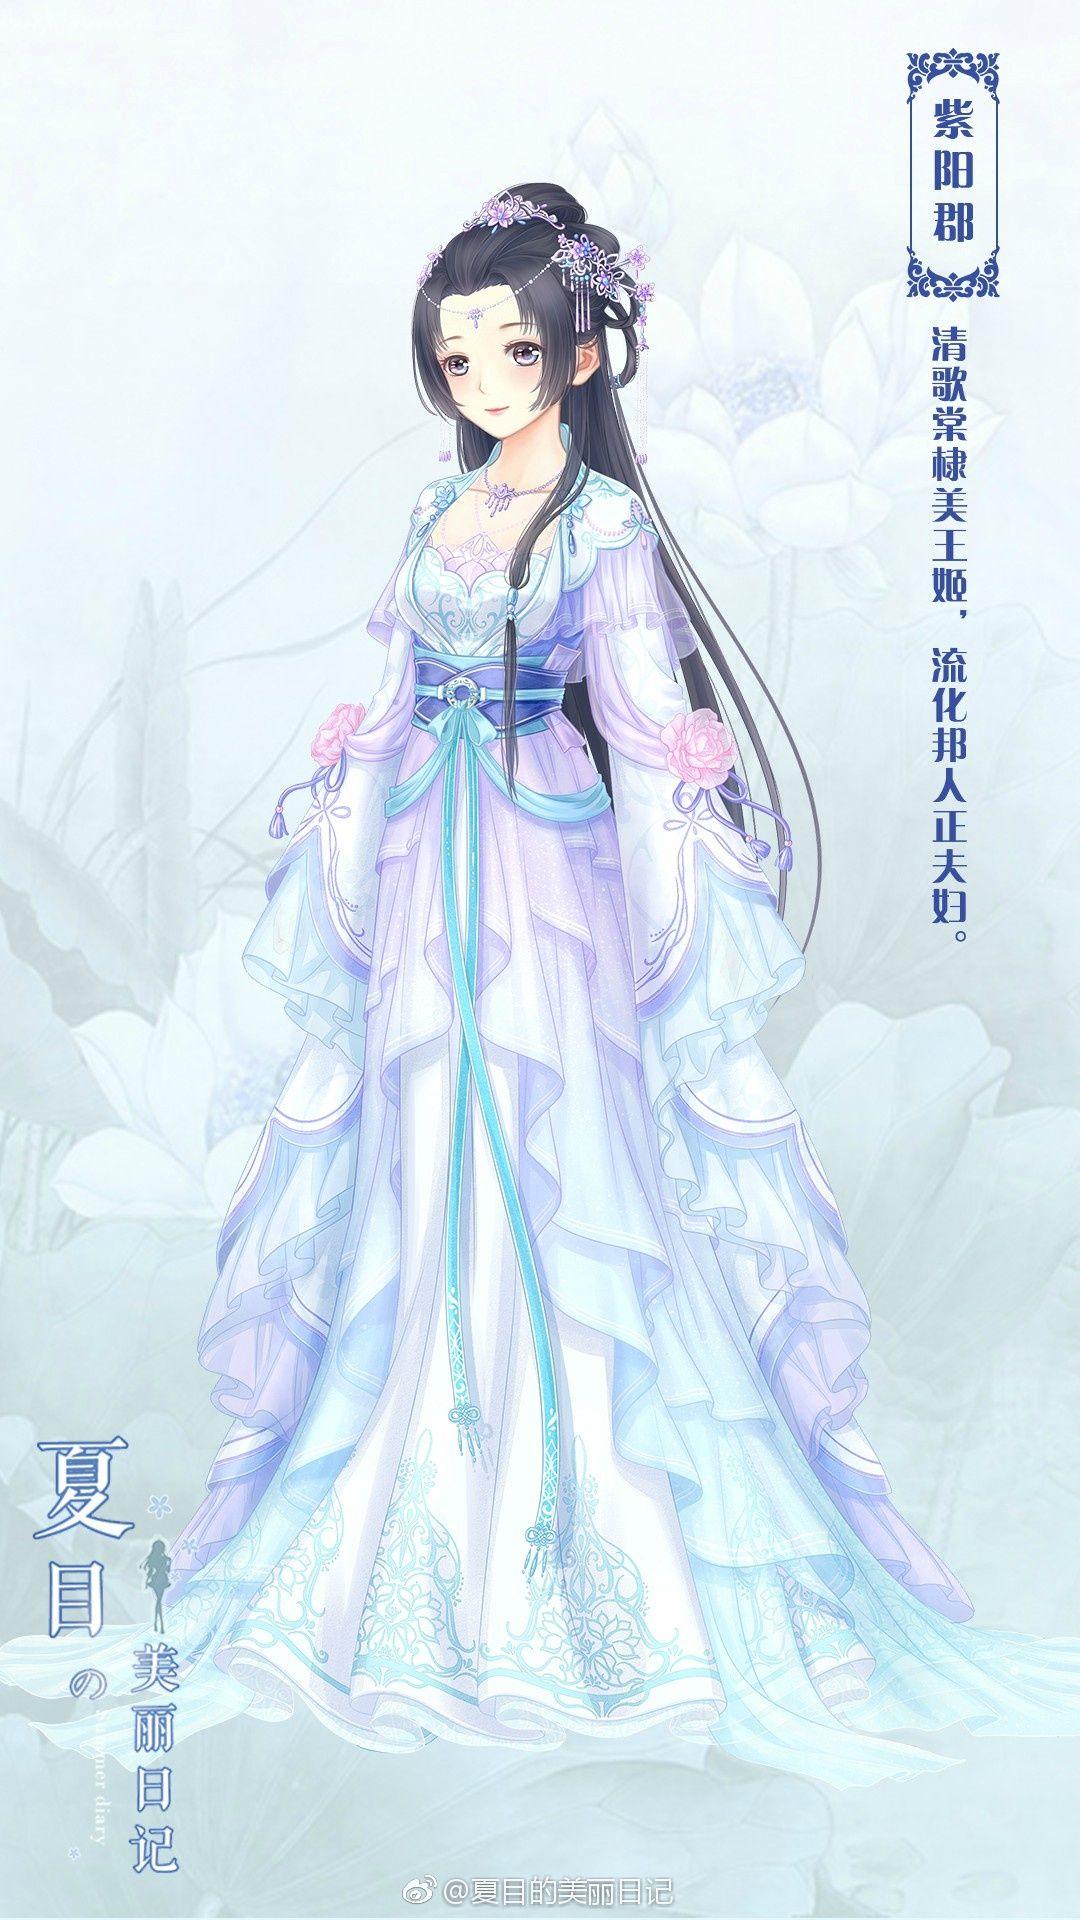 夏目的美丽日记 Natsume's Summer Diary Chinese Hanfu Style 古装